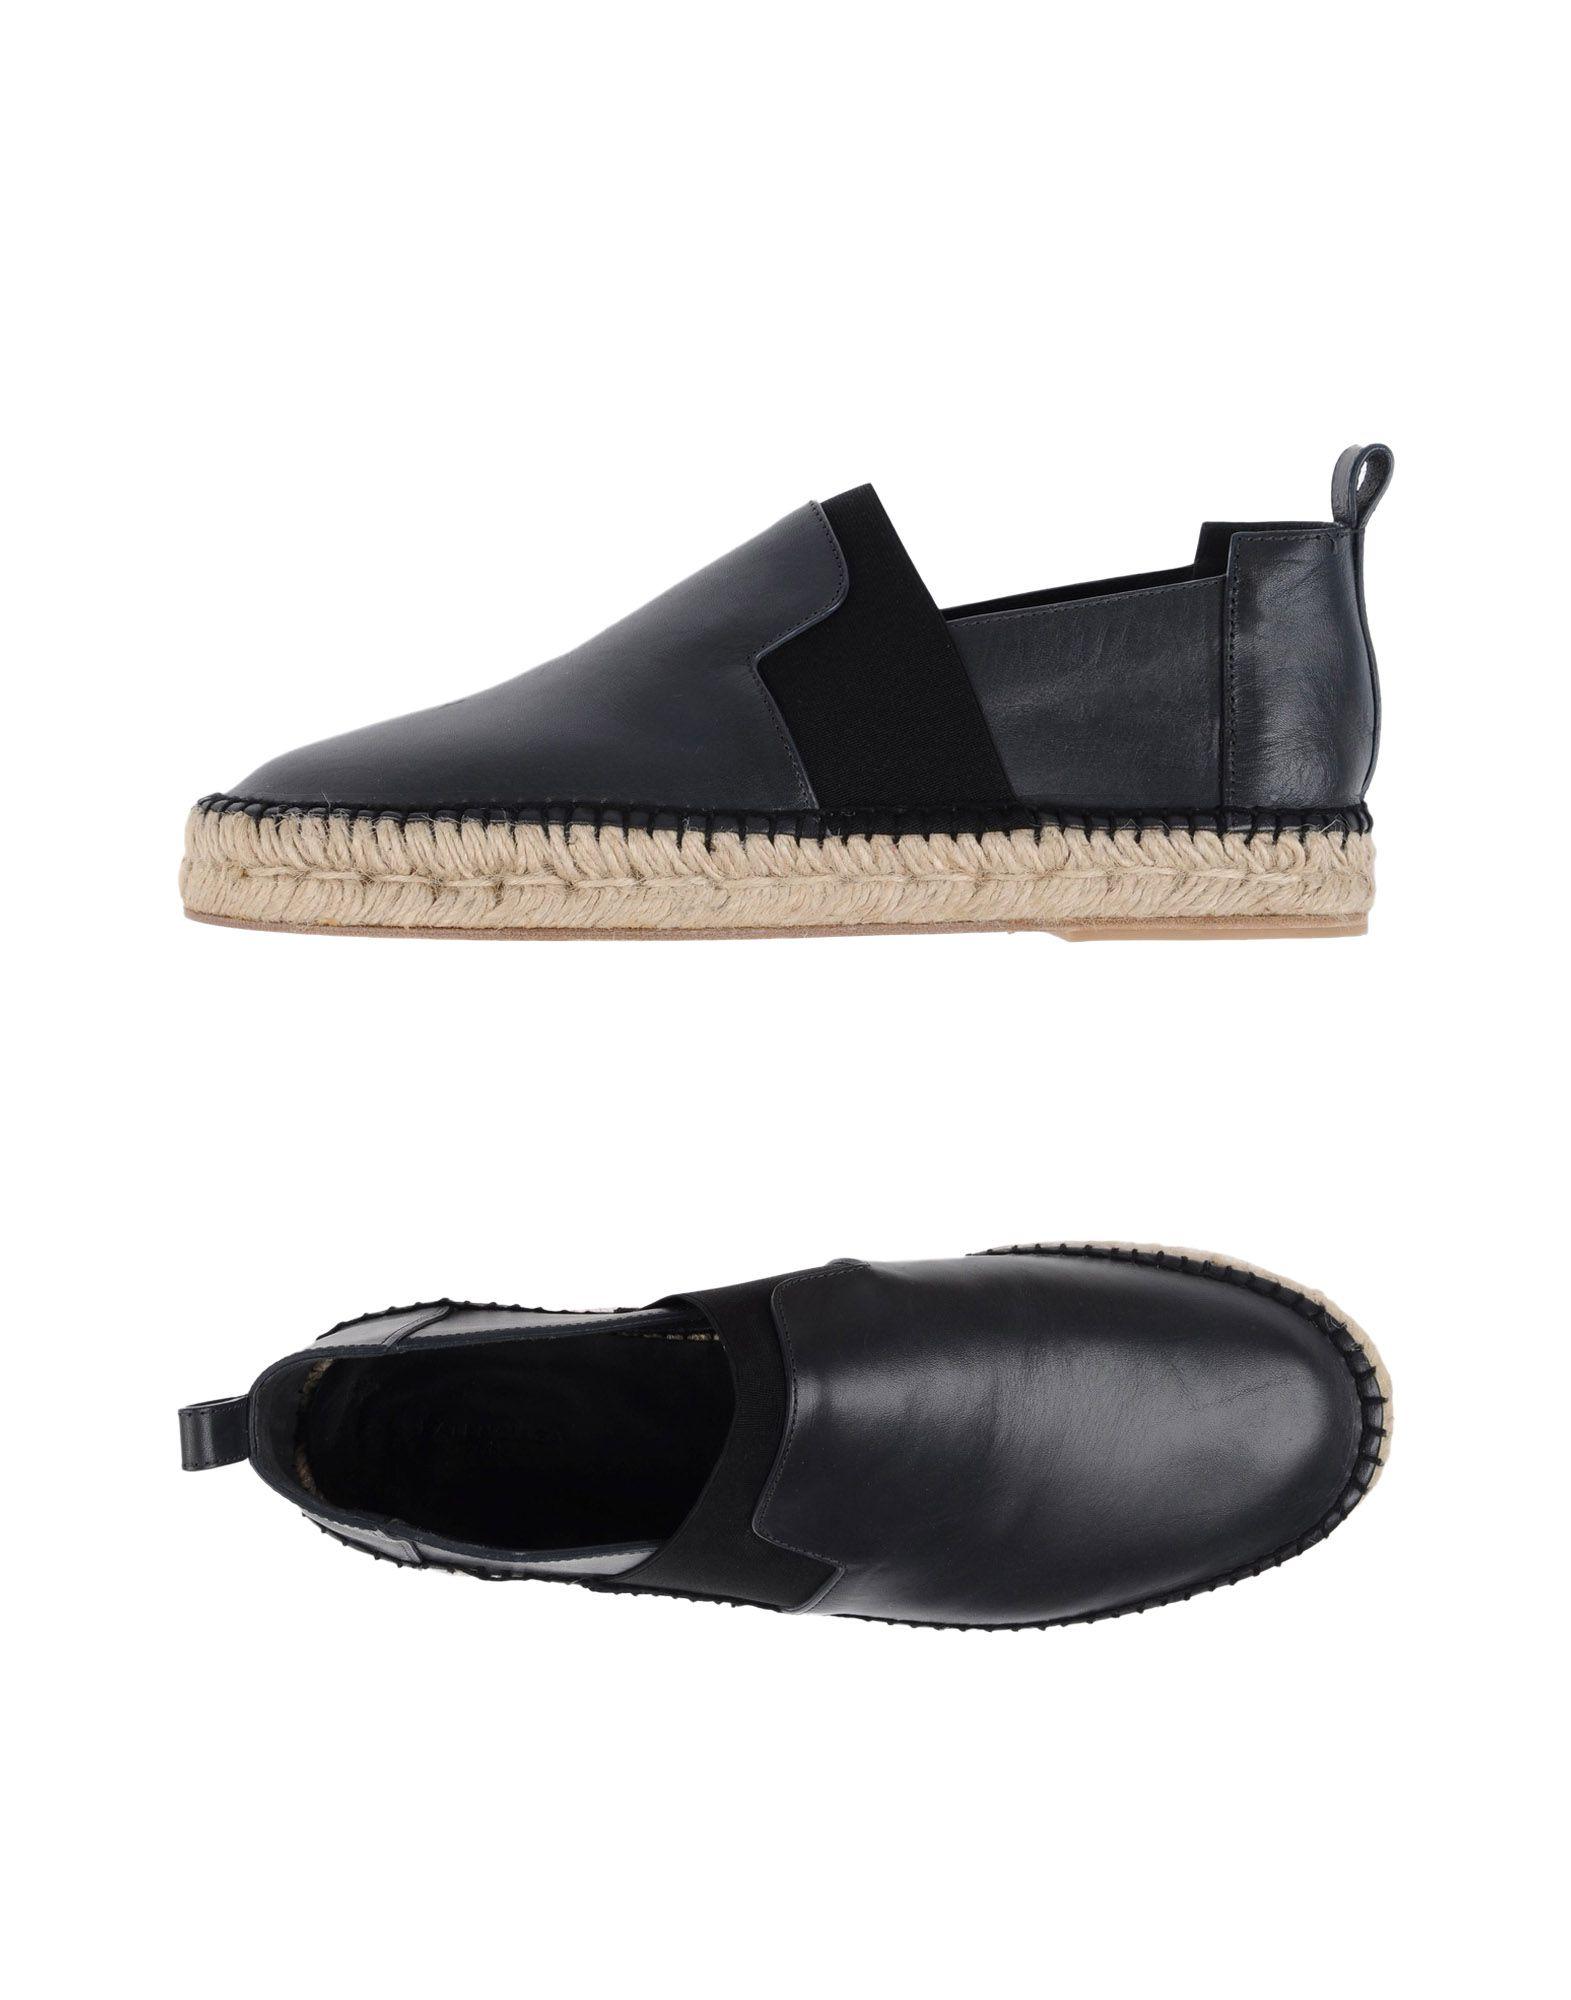 Balenciaga Espadrilles Herren  11278863LO Gute Qualität beliebte Schuhe